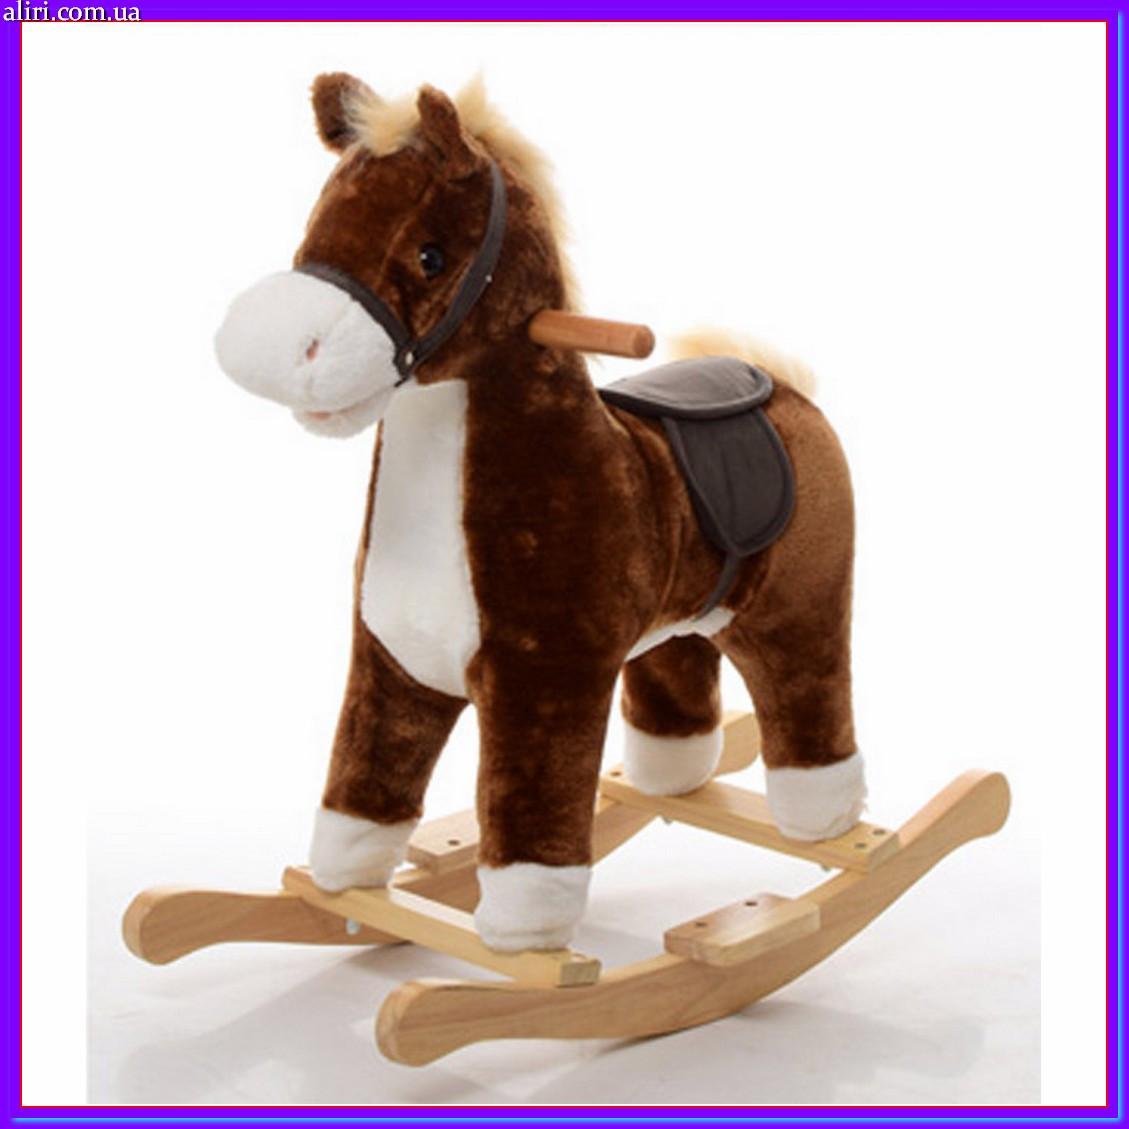 Плюшевая музыкальная лошадка — качалка , фото 1